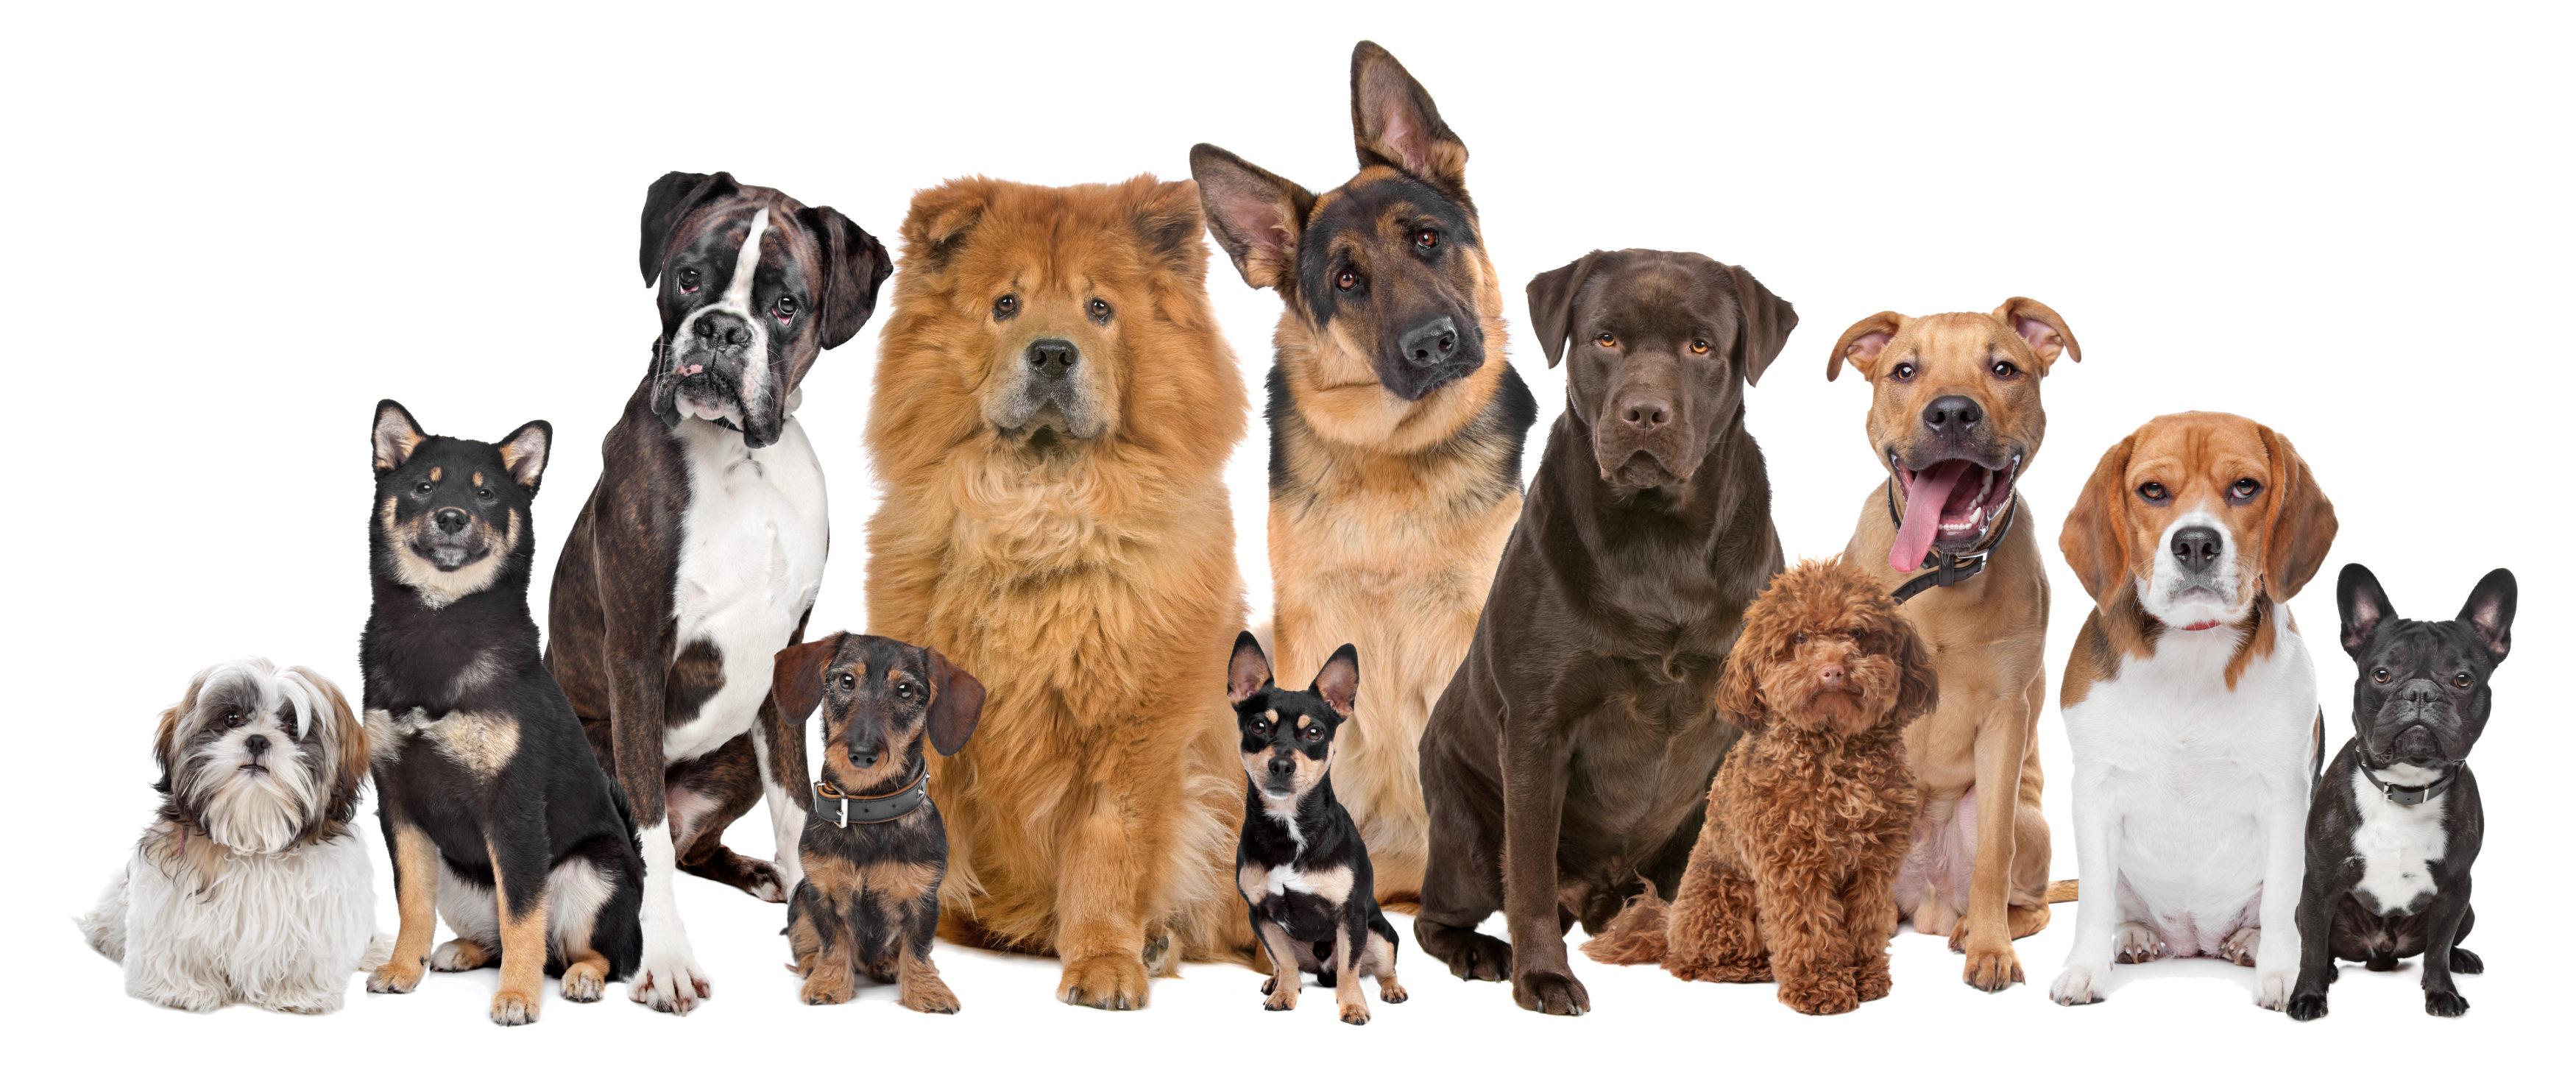 dogs-01.06-3500x1458.jpg